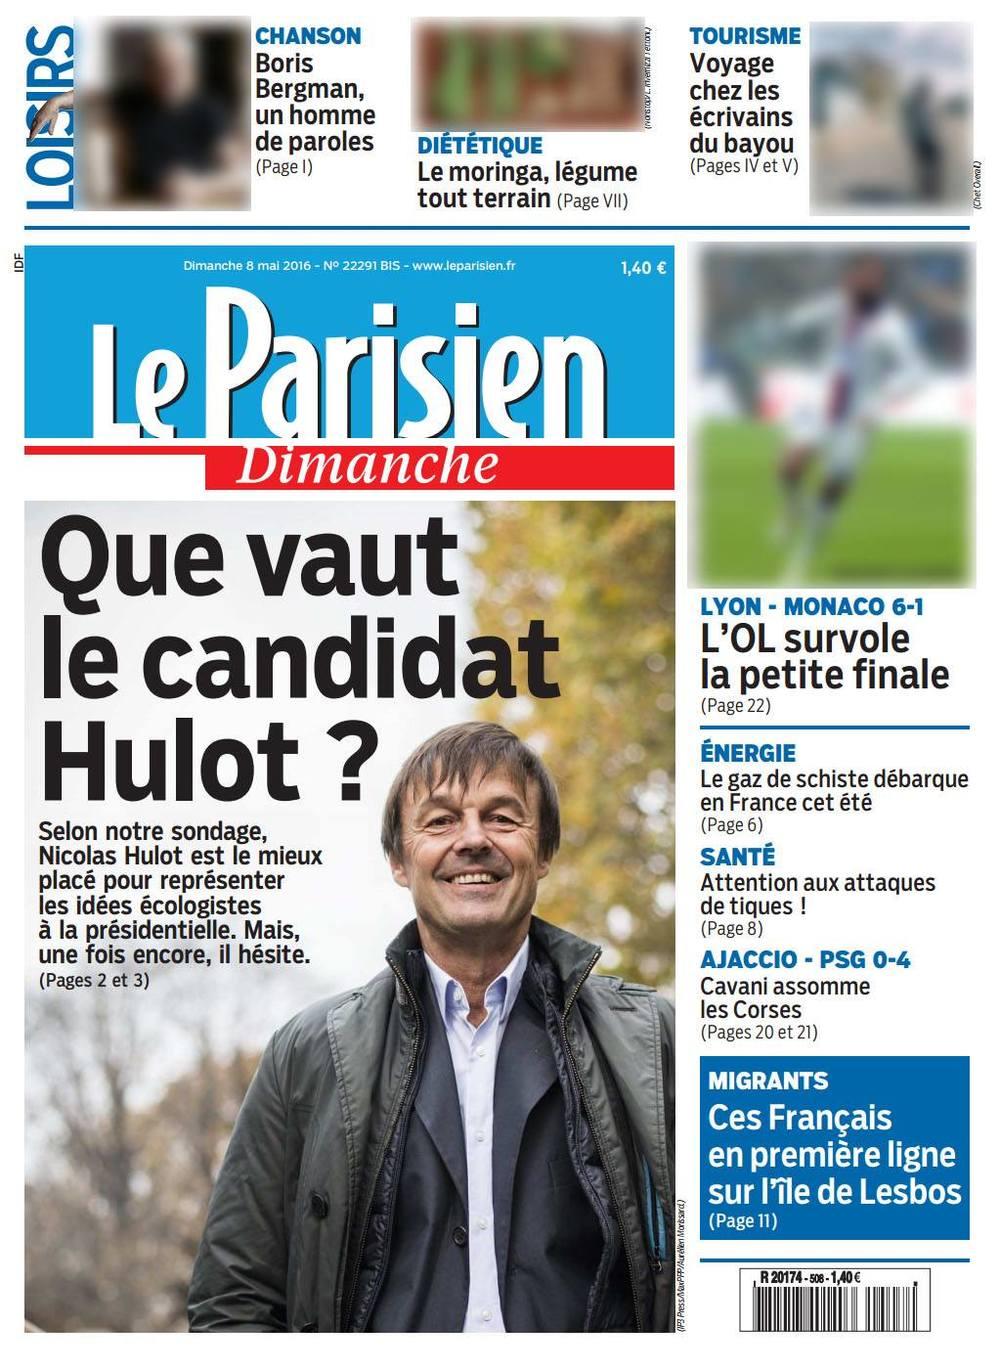 Le Parisien Dimanche - 8 mai 2016 © Aurélien Morissard.jpg